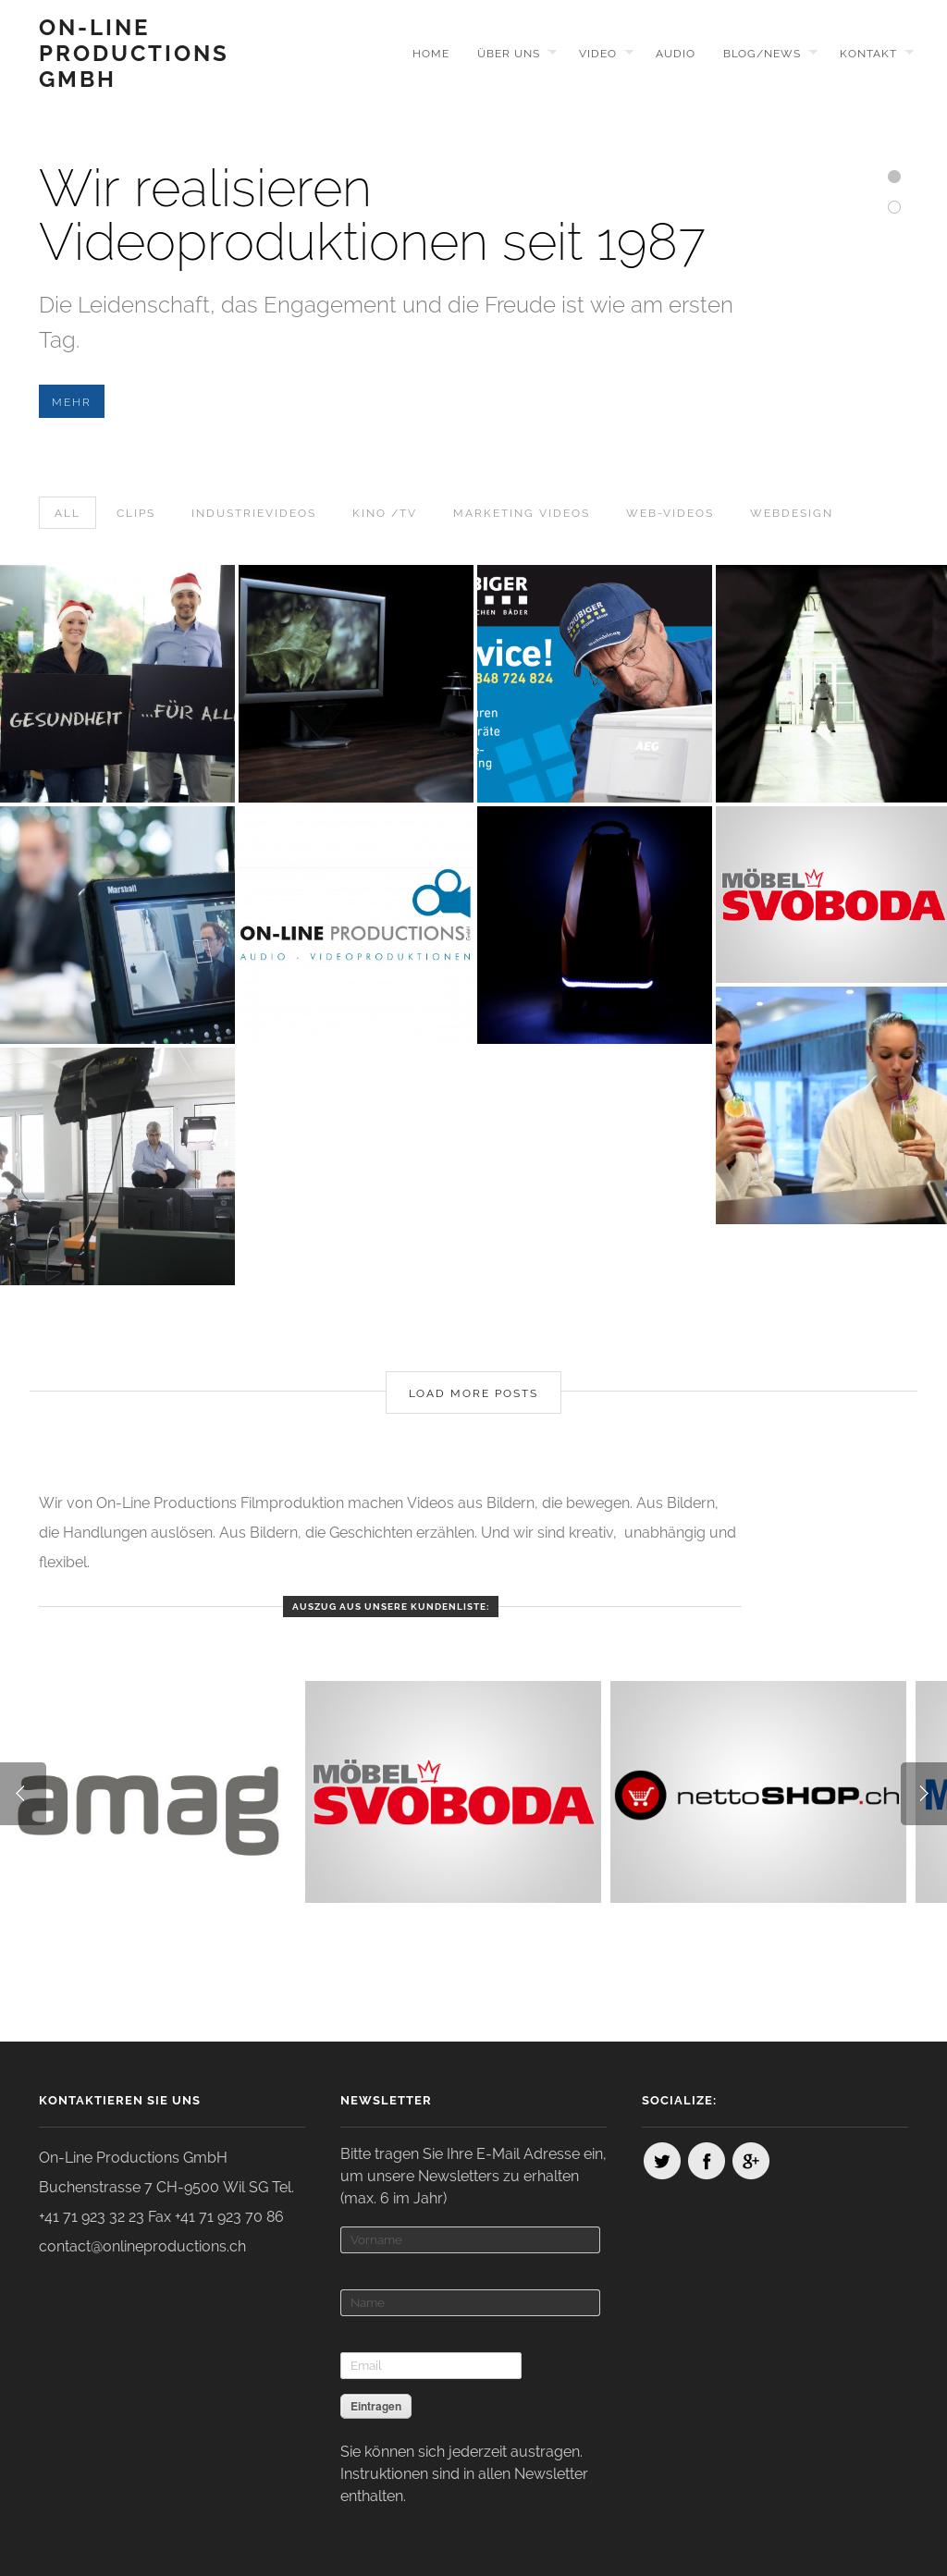 Ausgezeichnet Anschreiben Für I864 Bilder - FORTSETZUNG ...